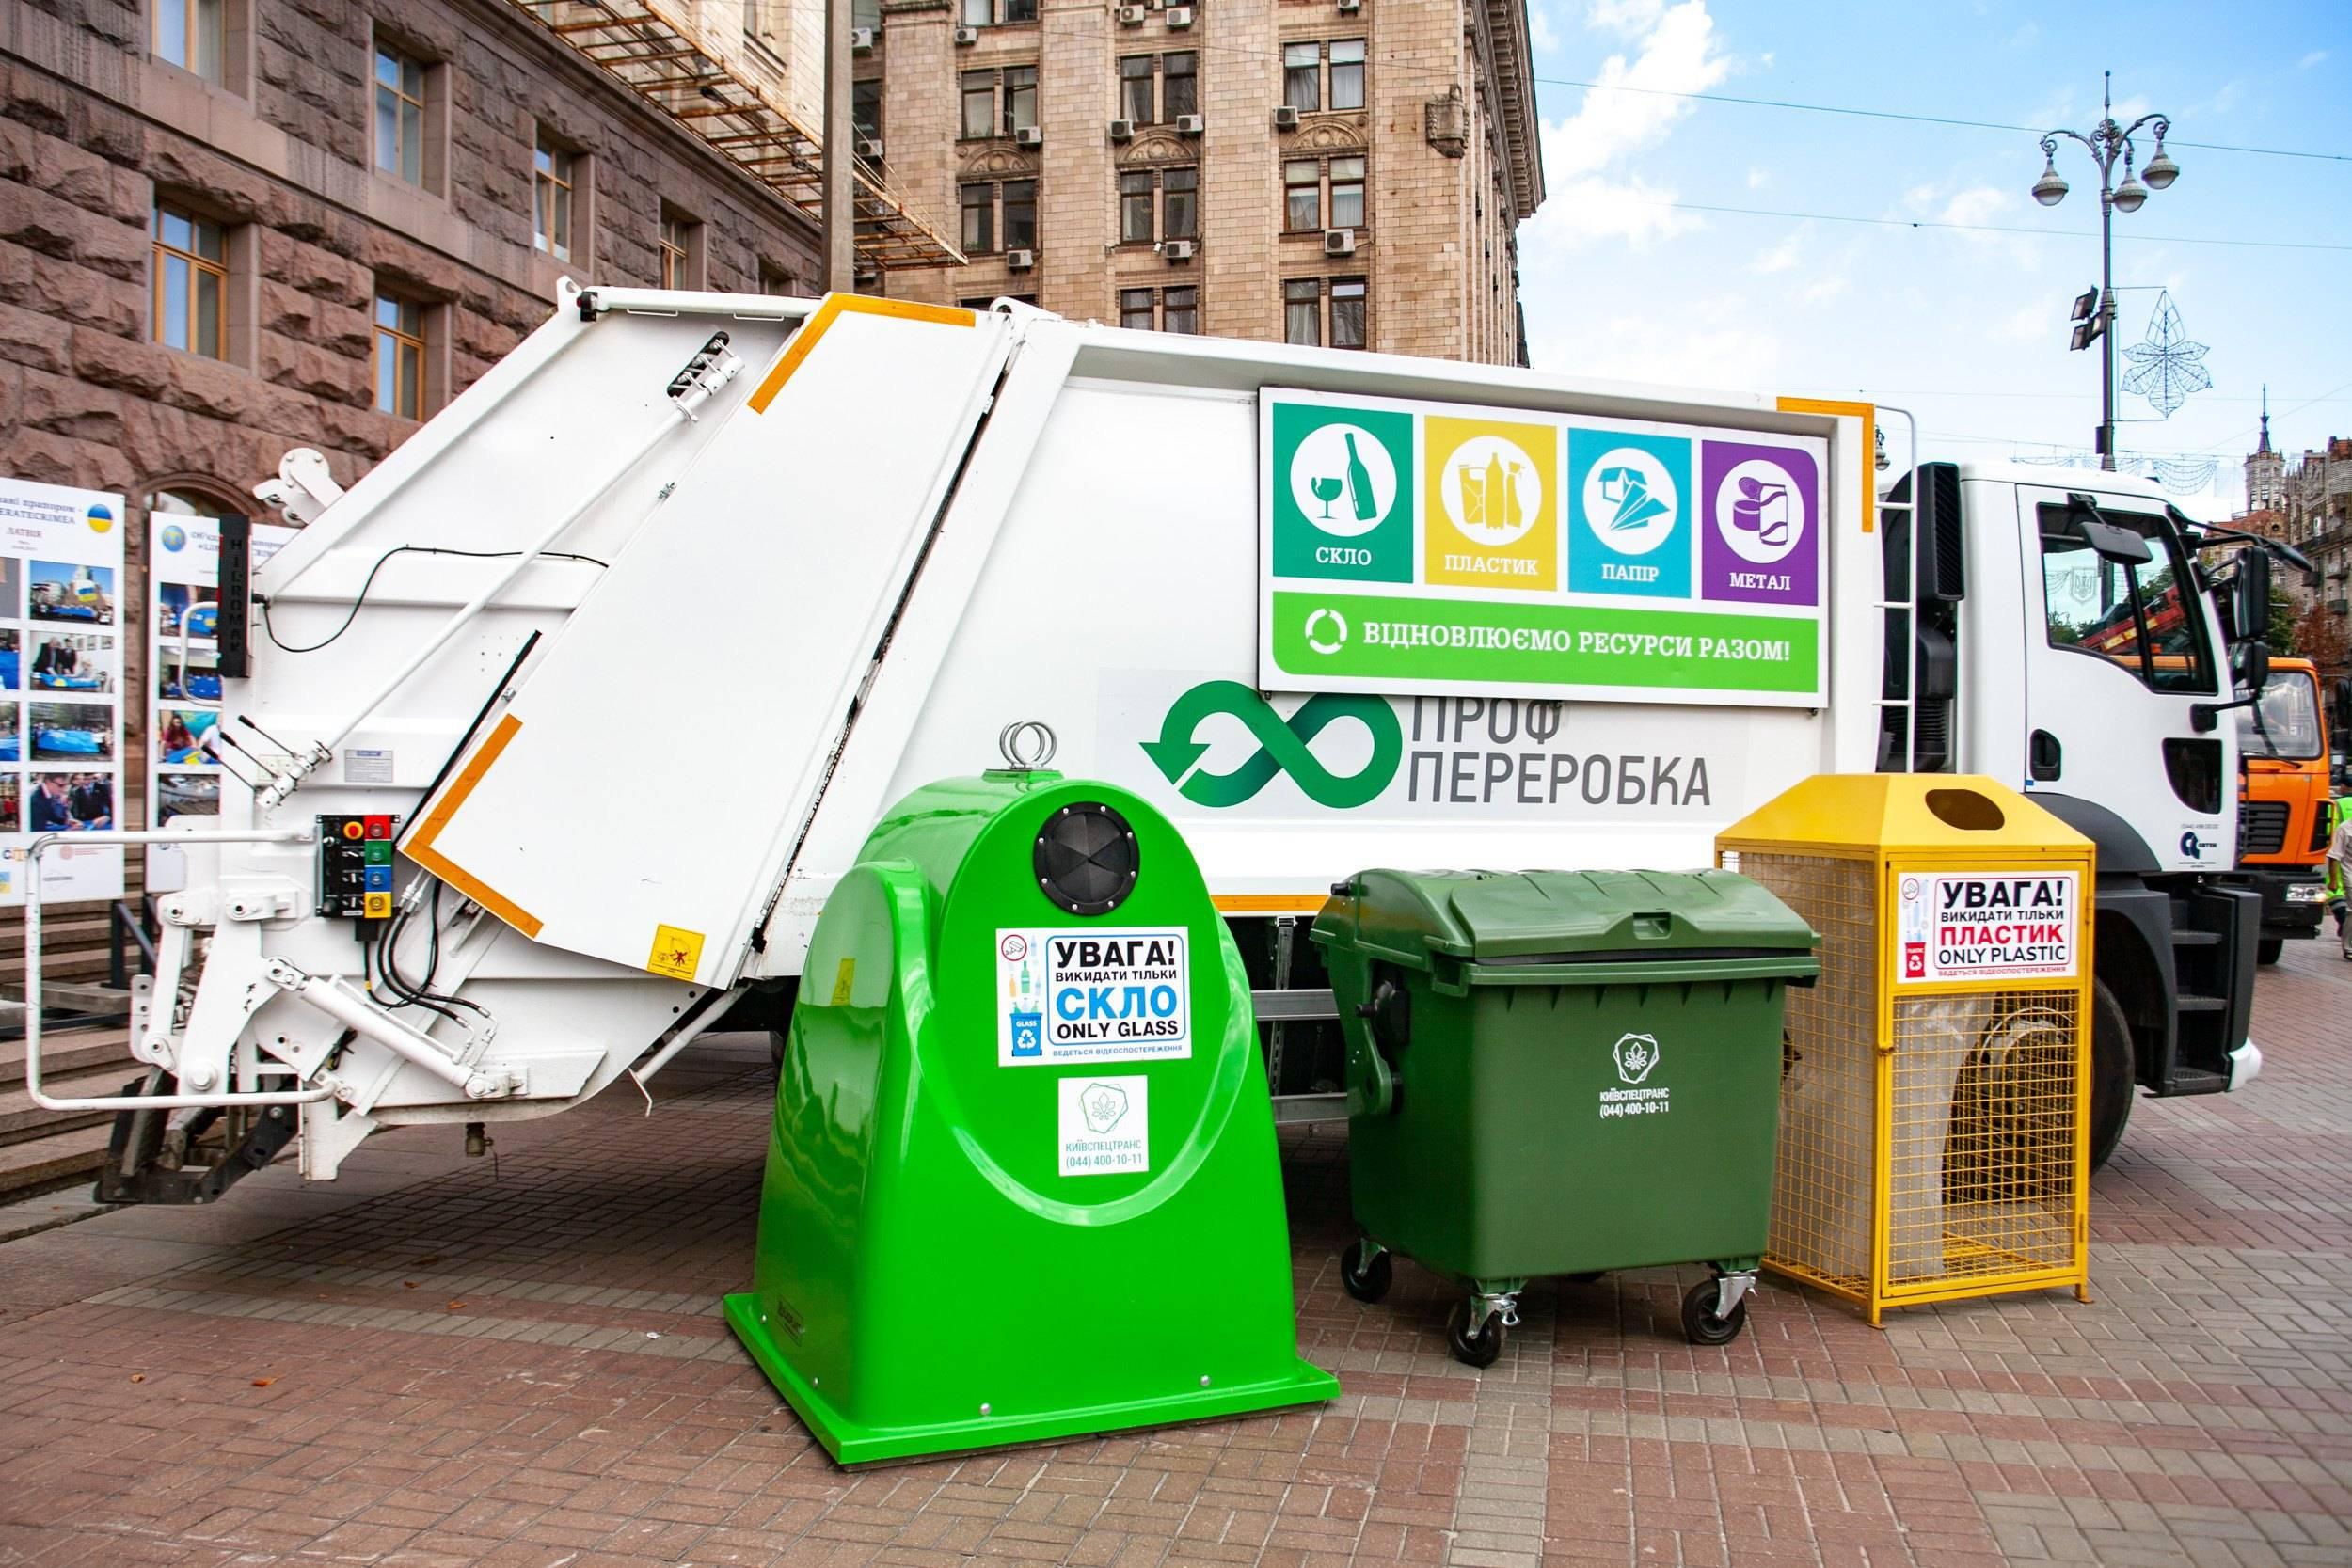 Раздельный сбор мусора: правила сортировки отходов для переработки, как организовать систему разделения, что и куда выбрасывать, как начать сортировать?